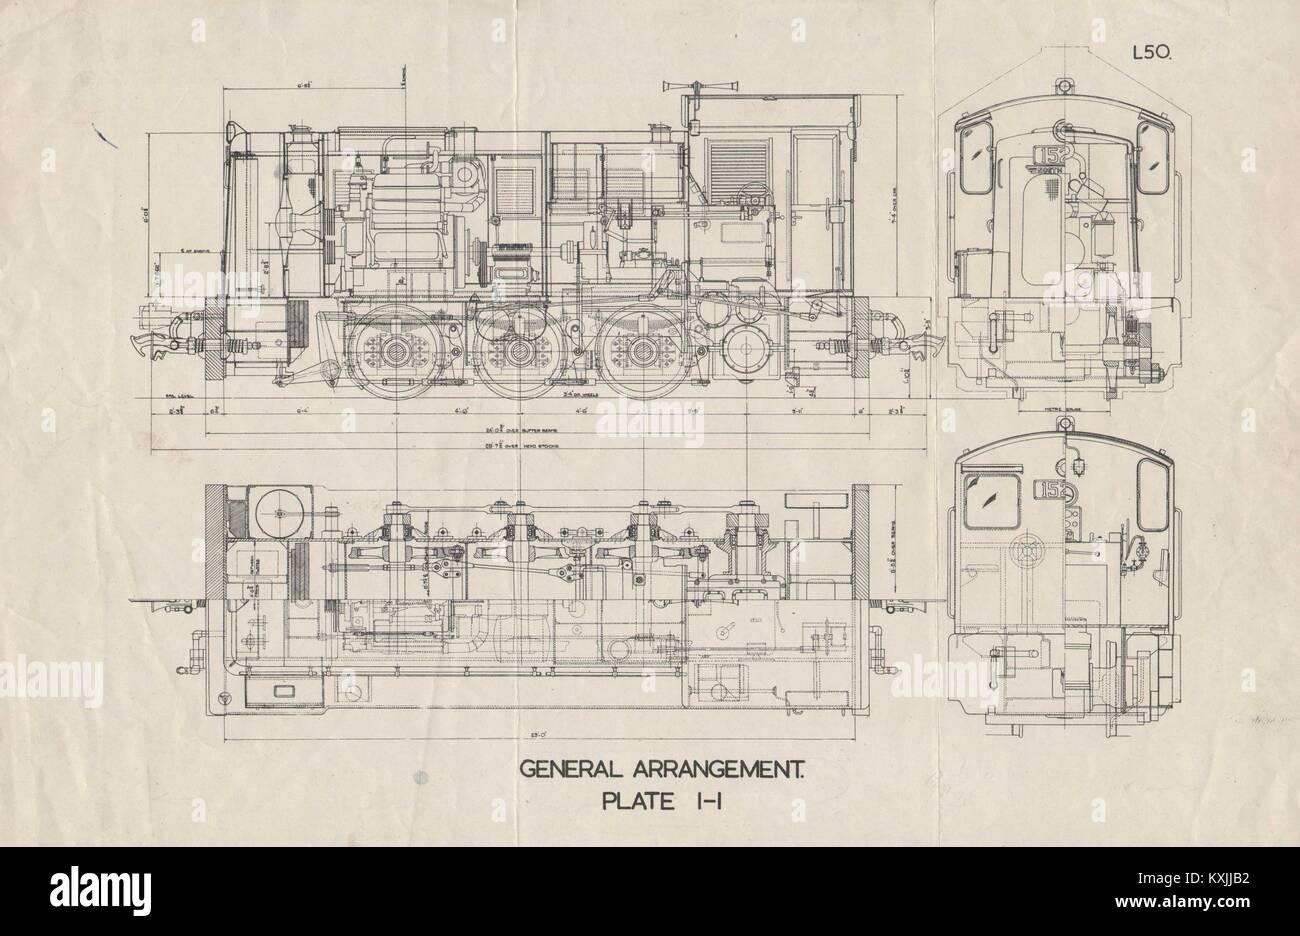 Sección plan locomotora de dibujo. Placa I-I. L50. Manómetro Medidor. Ferrocarril 1930 Foto de stock